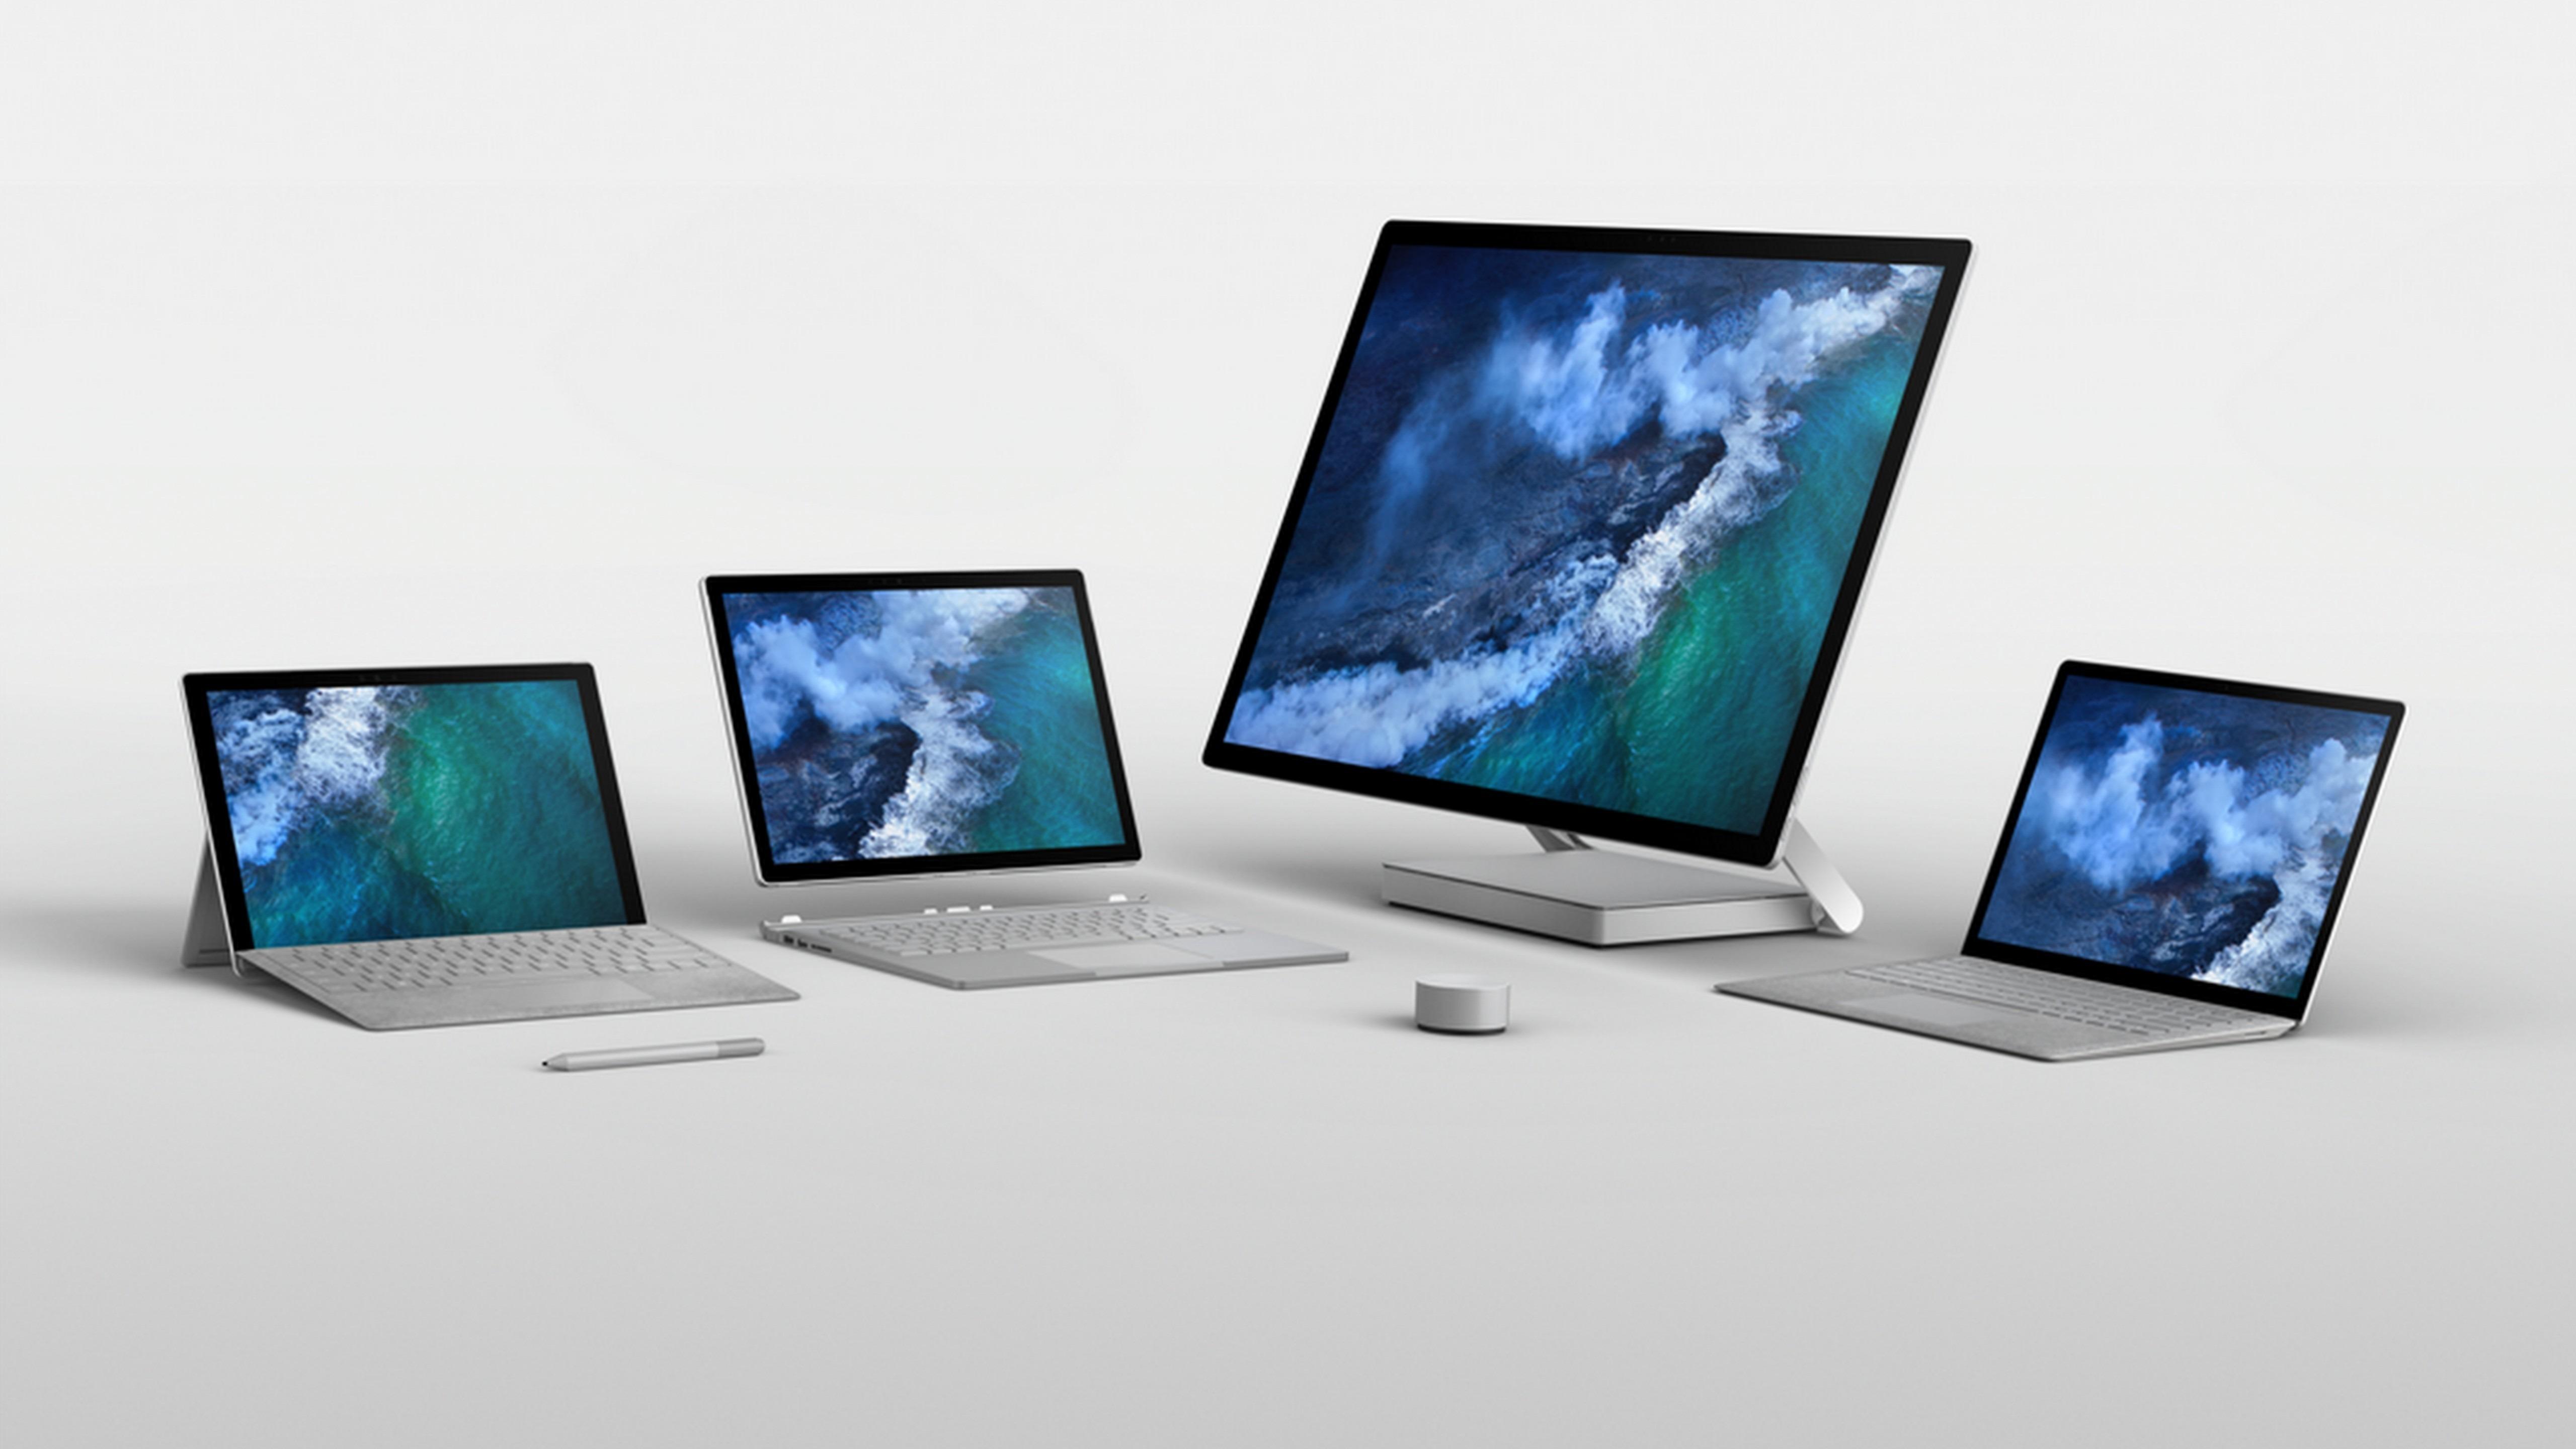 Microsoft svarer på den nedslående Consumer Reports-rapporten.